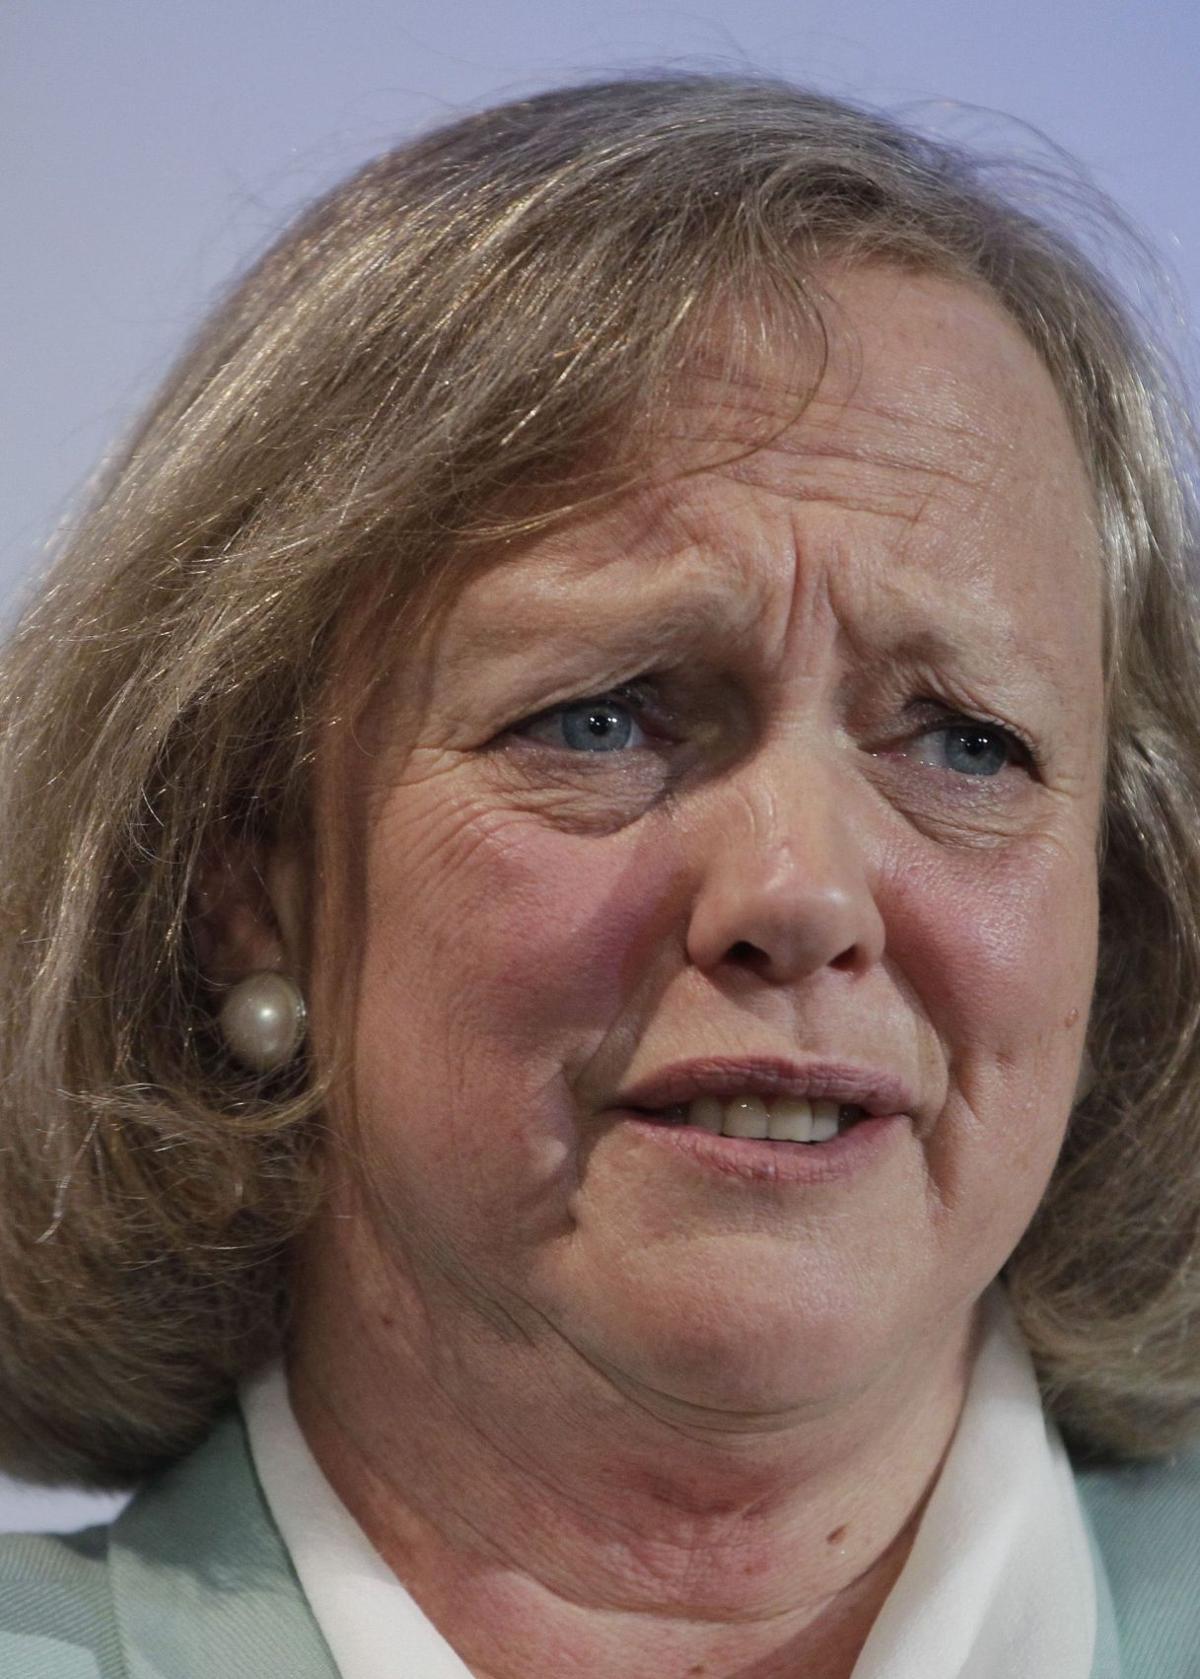 HP to cut 27,000 jobs, save $3.5B